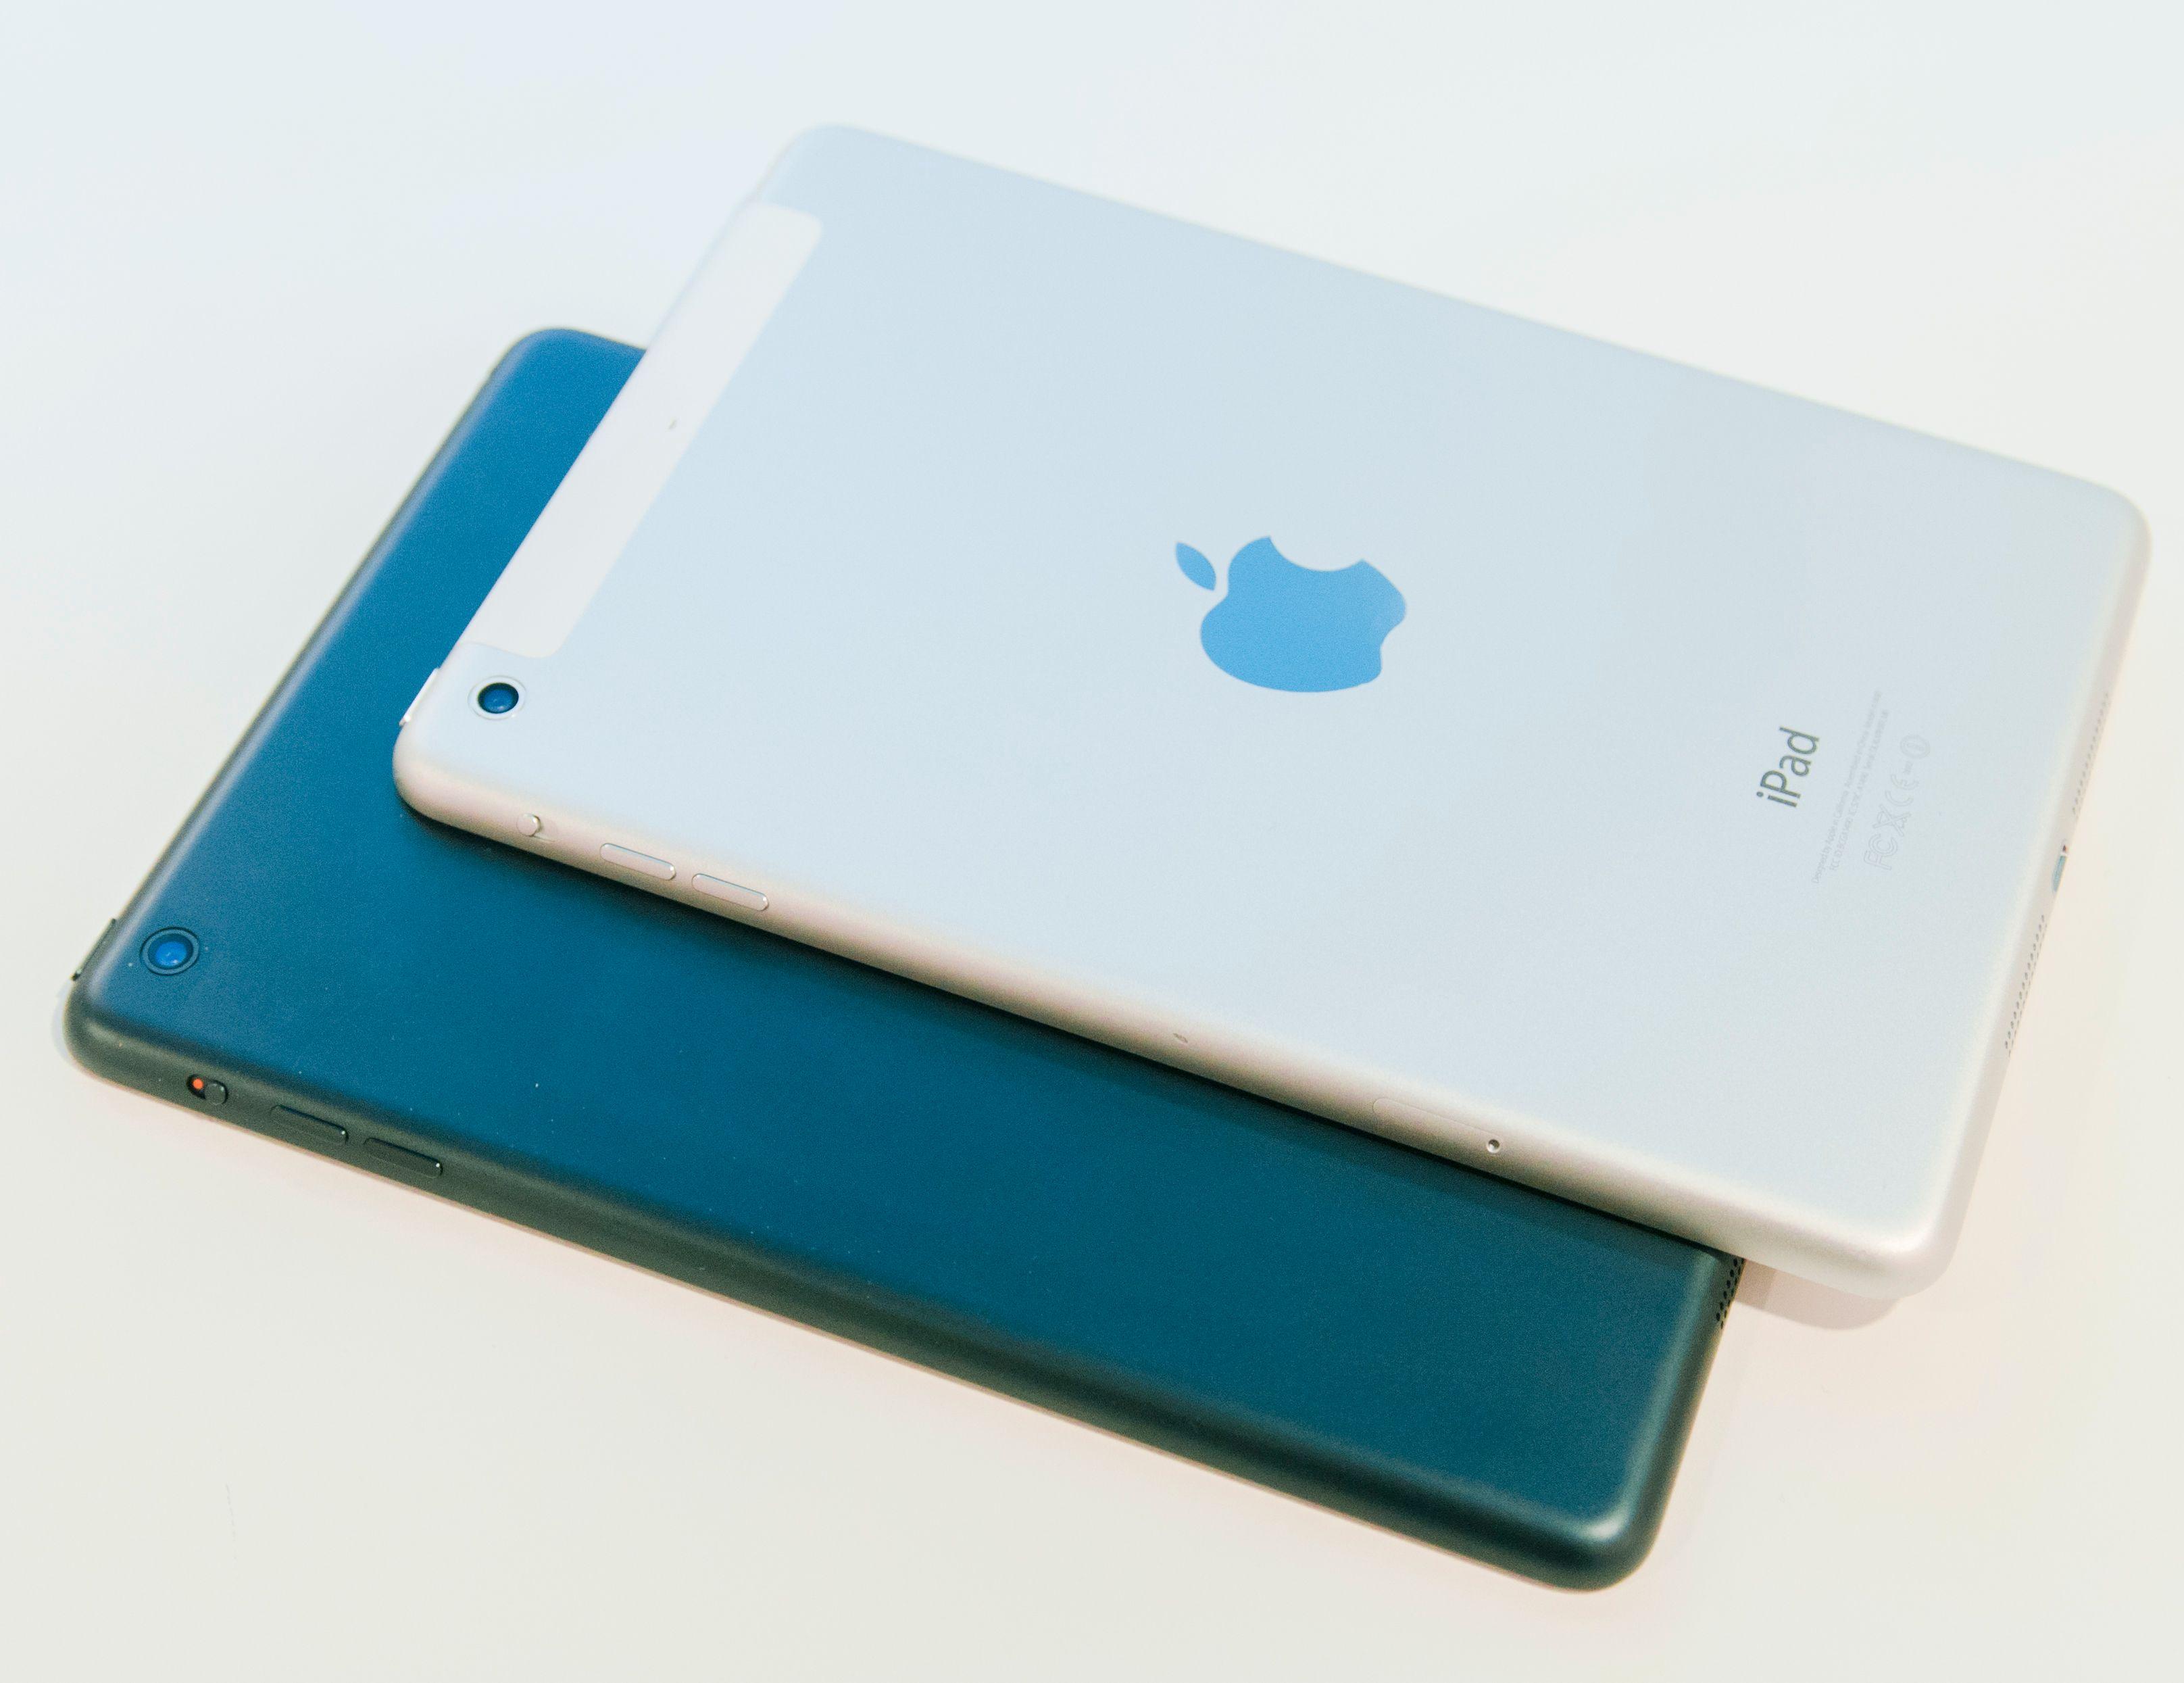 Ny og gammel iPad mini. Den nye er øverst. Forskjellen du ser skyldes at det siste testproduktet også har 4G-støtte. Ellers er de like.Foto: Finn Jarle Kvalheim, Amobil.no